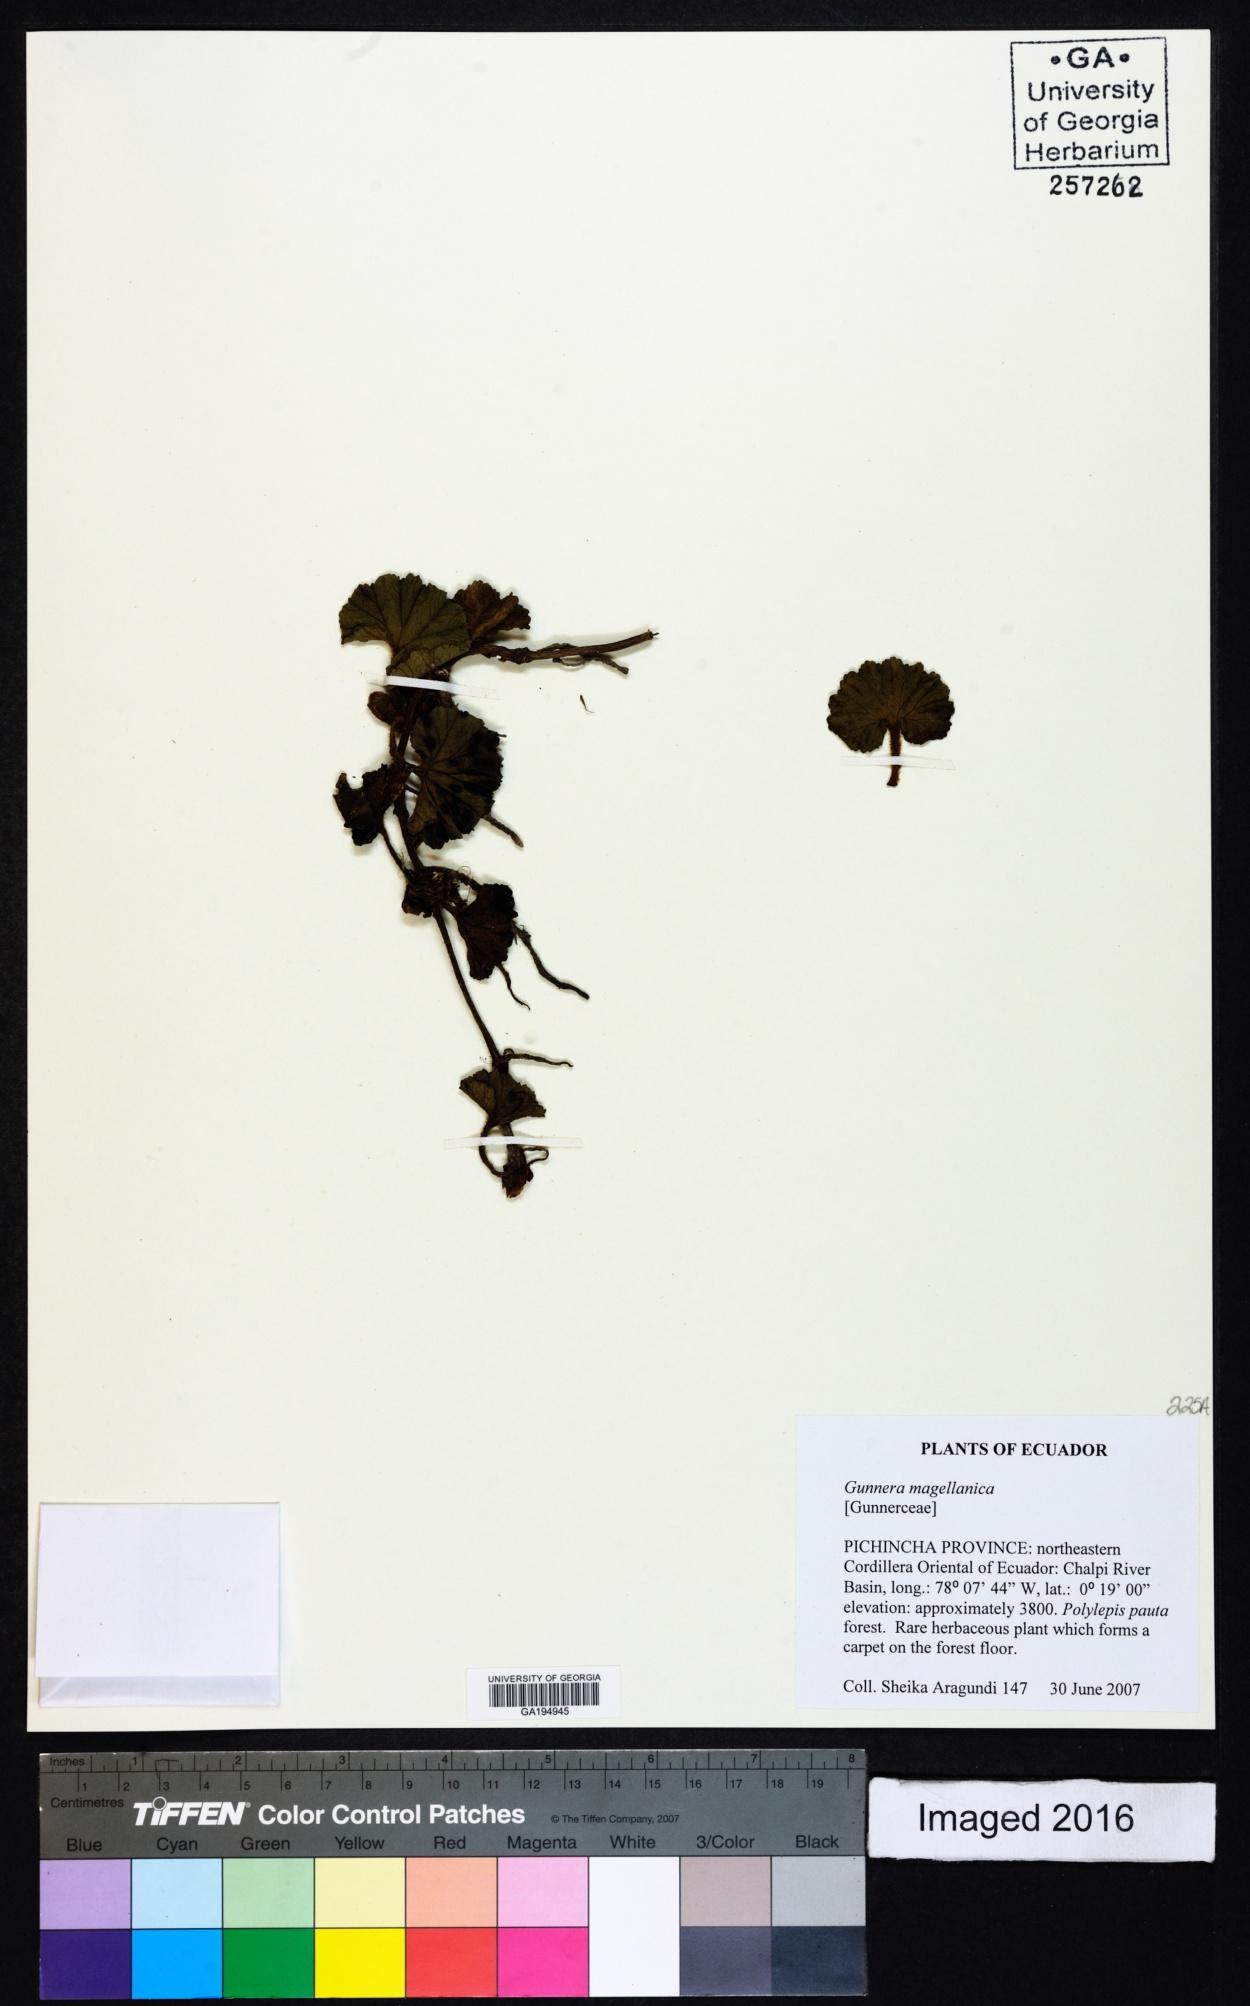 Gunneraceae image